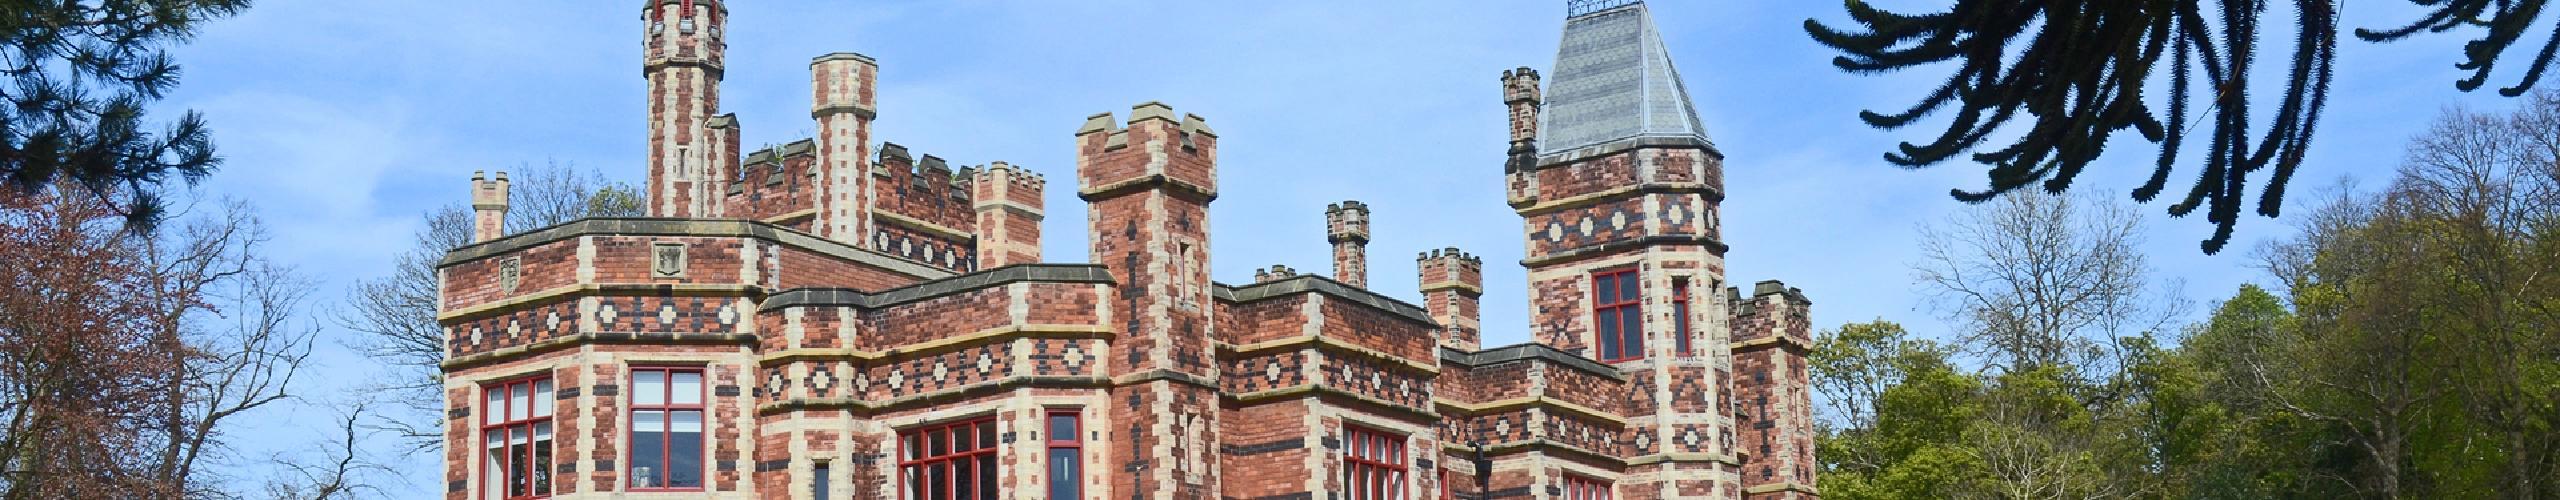 Saltwell Towers